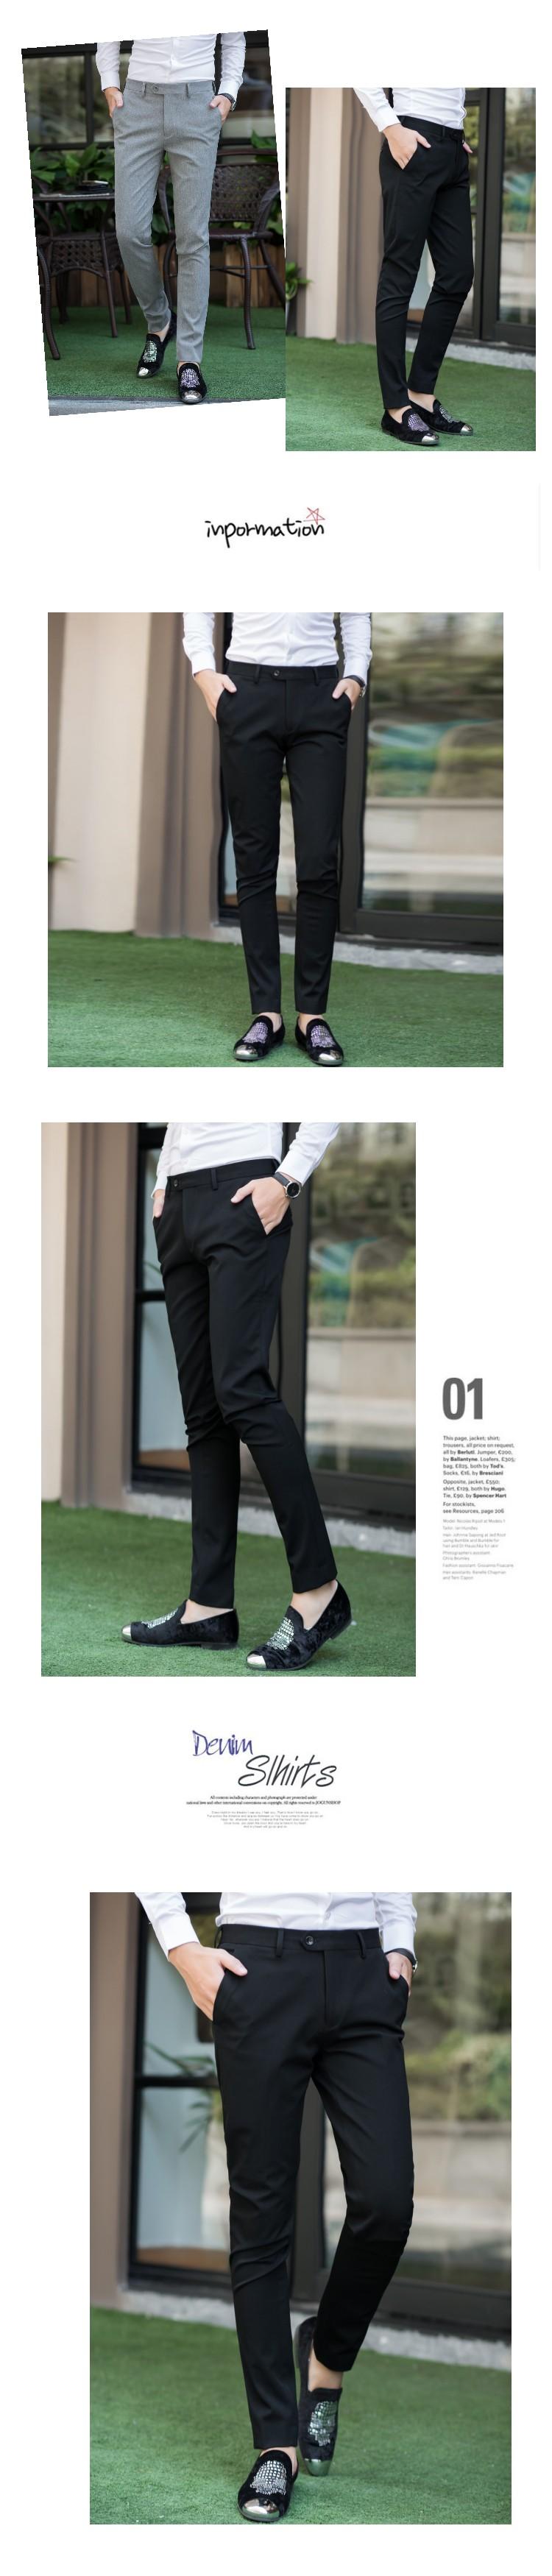 Của nam giới thường quần Hàn Quốc xu hướng thanh niên quần mỏng thủy triều quần của nam giới kinh doanh đơn giản chân thời trang quần